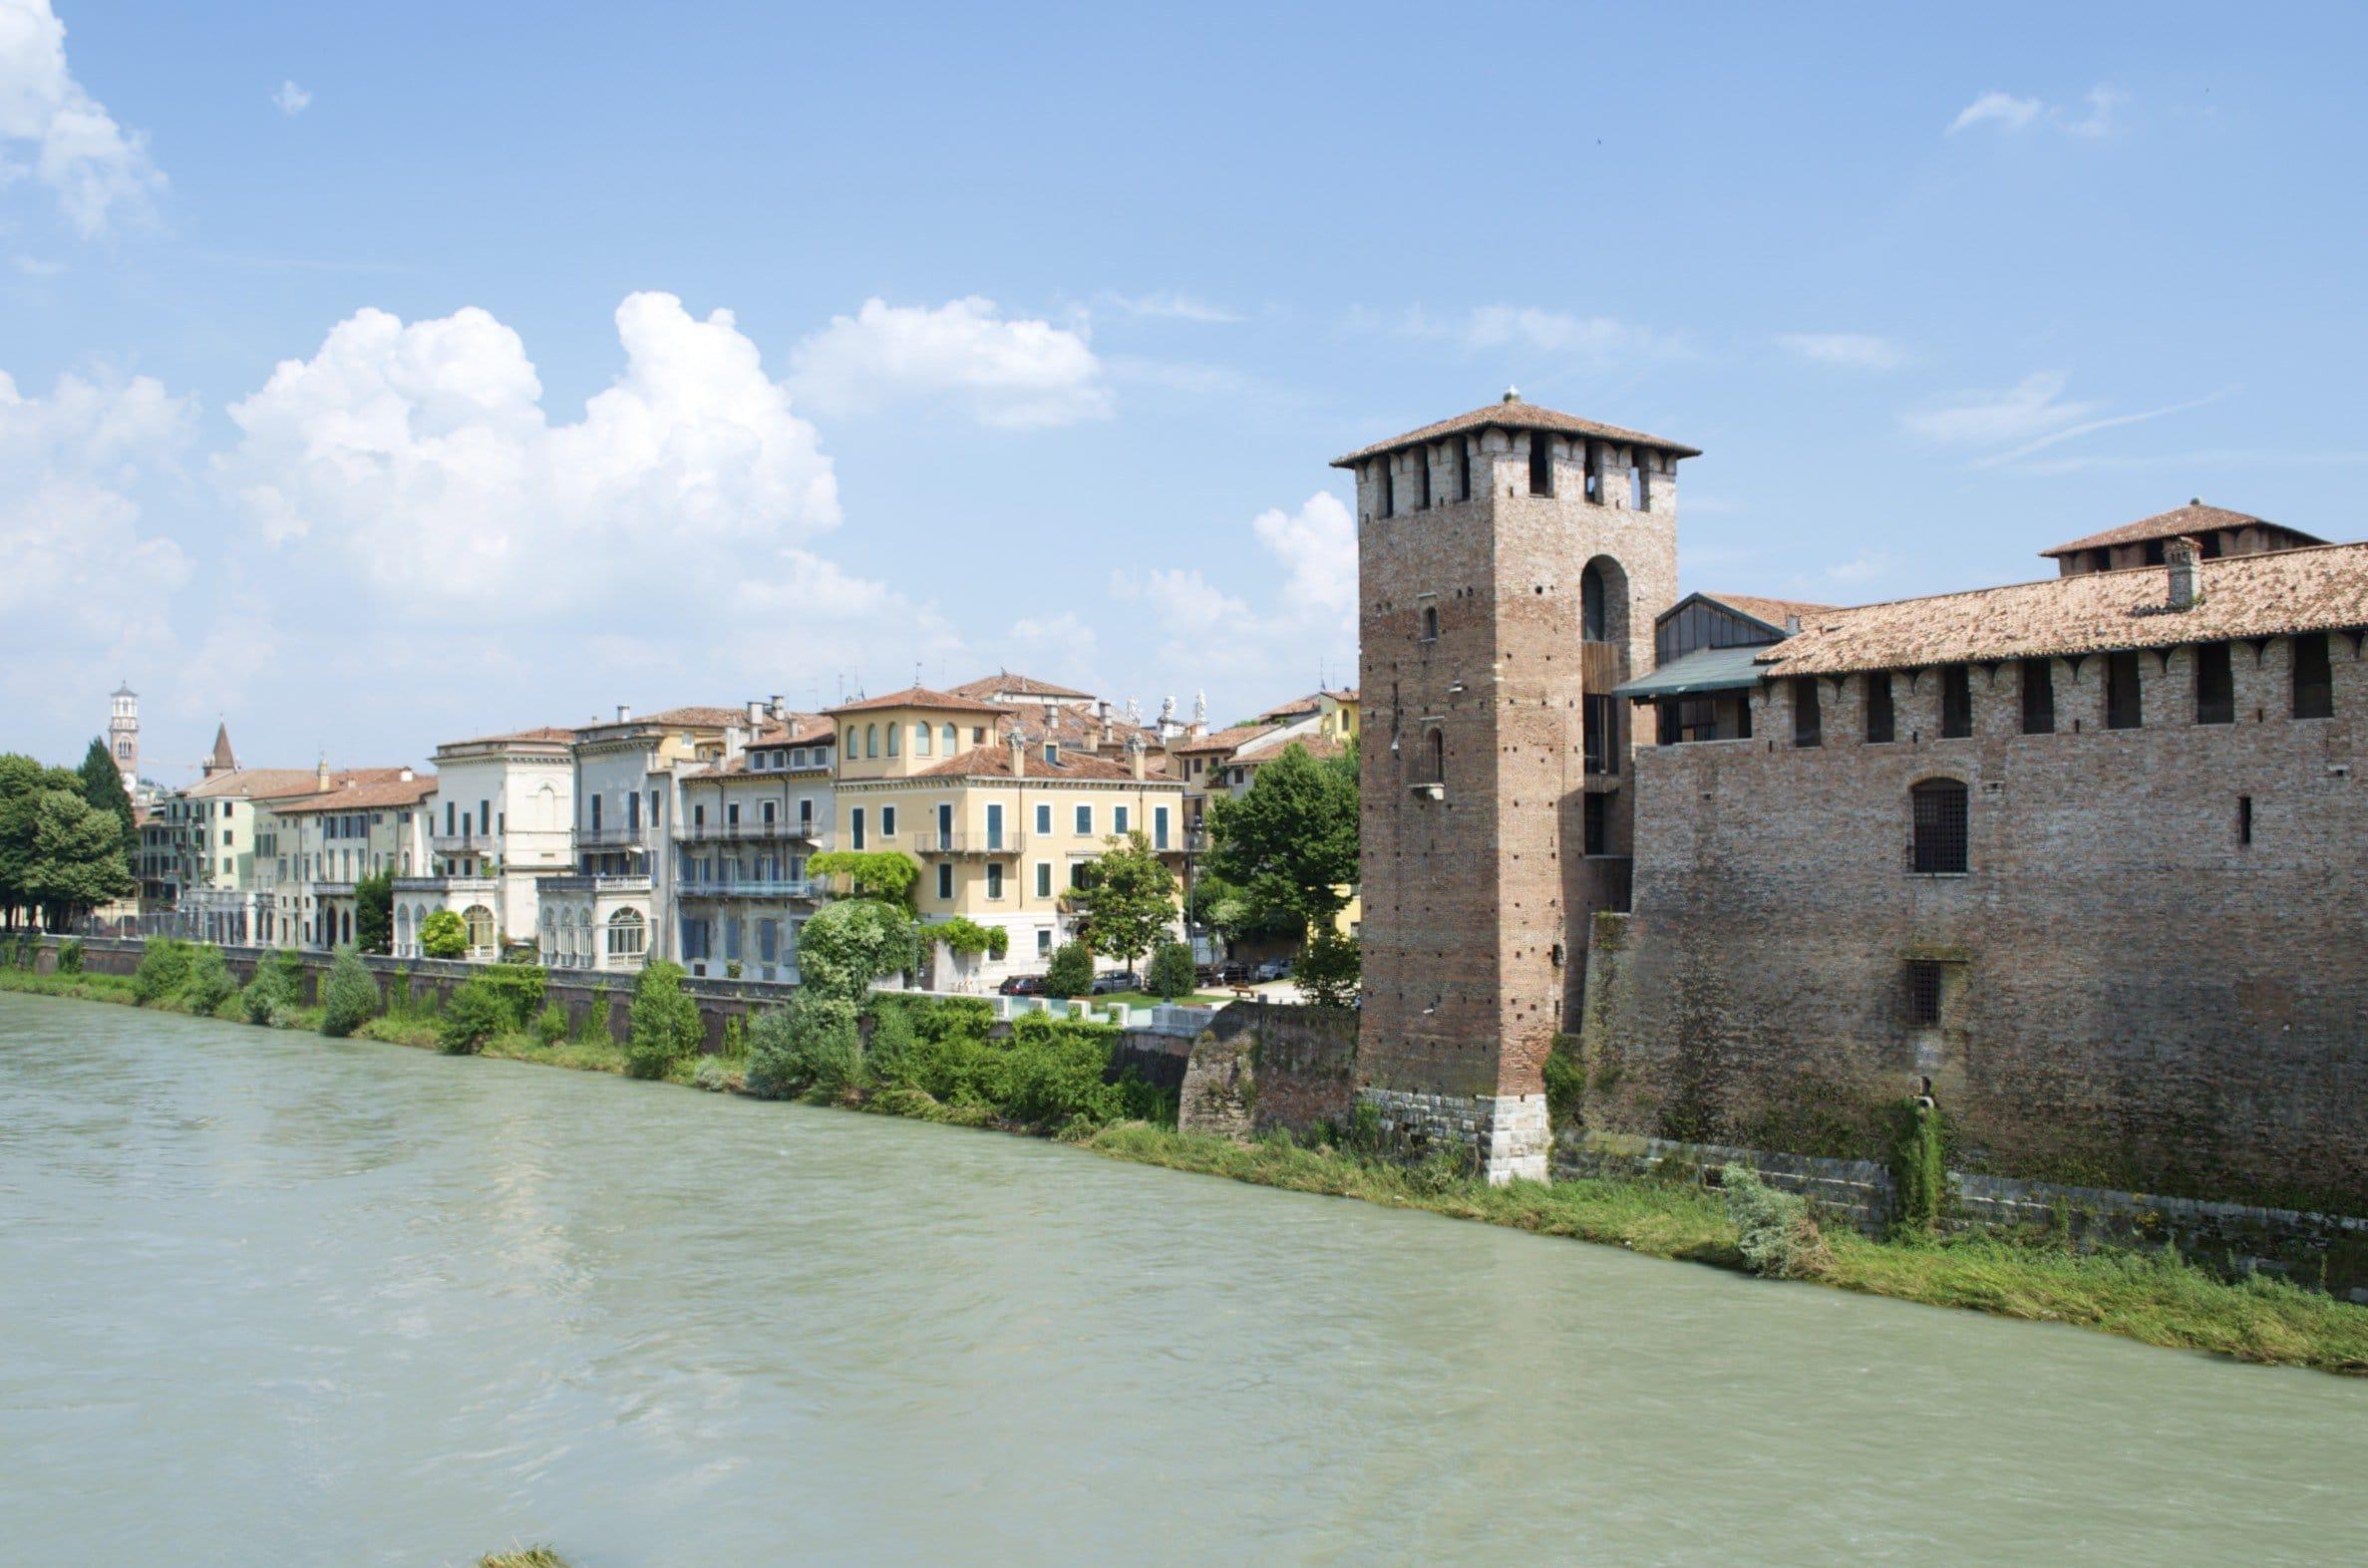 Castelvecchio und Etsch